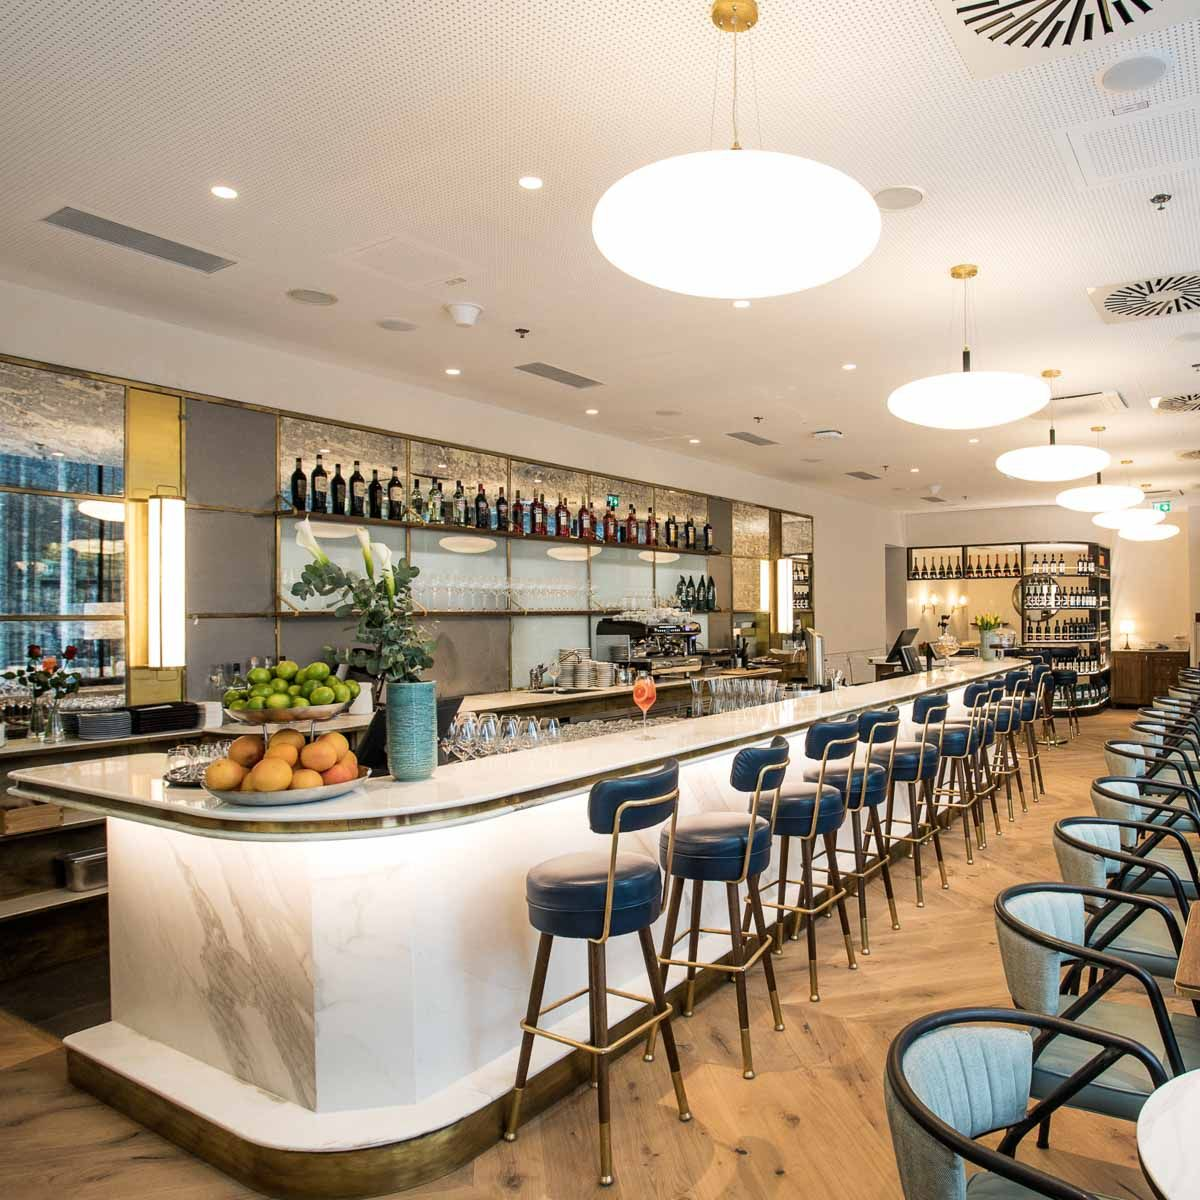 Al Banco After Work Wie In Bella Italia Essen In Wien Wien Essen Und Kaffee To Go